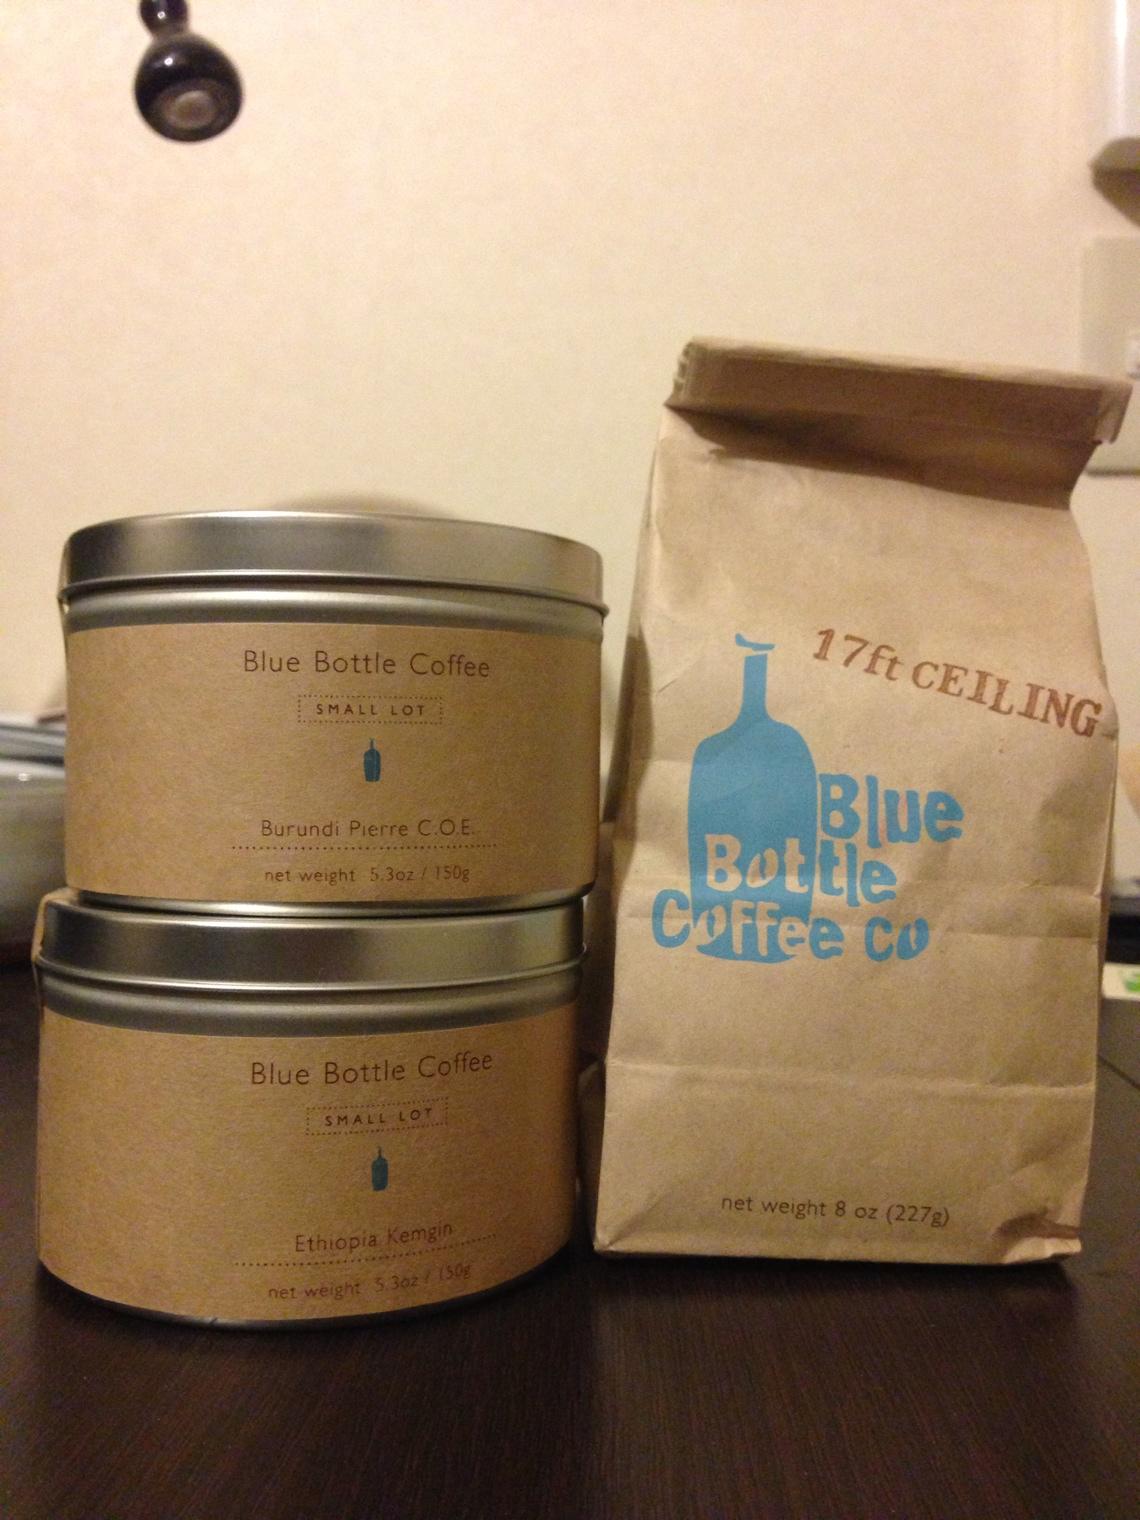 ブルーボトルコーヒーのパッケージ